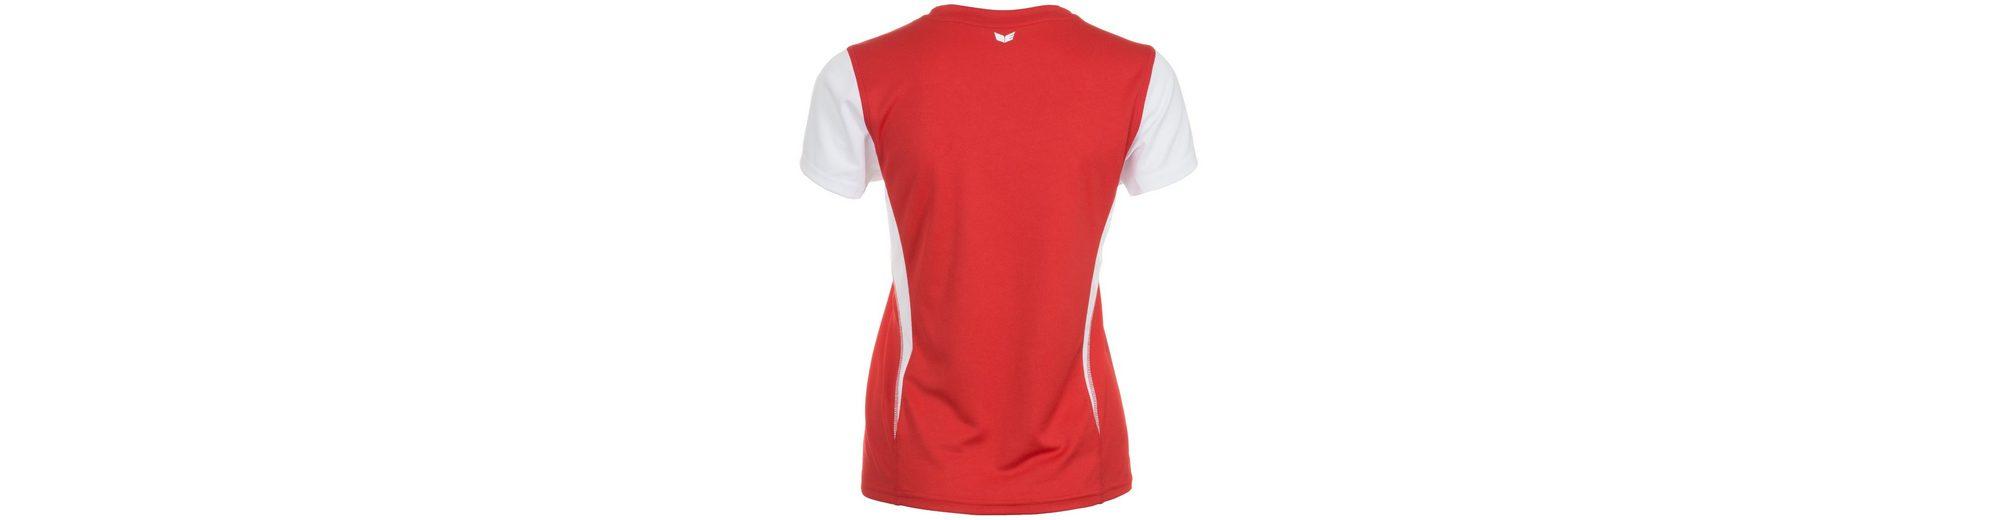 Aus Deutschland Günstigem Preis Eastbay Günstigen Preis ERIMA T-Shirt Damen Outlet Große Überraschung Billige Echte oEdah